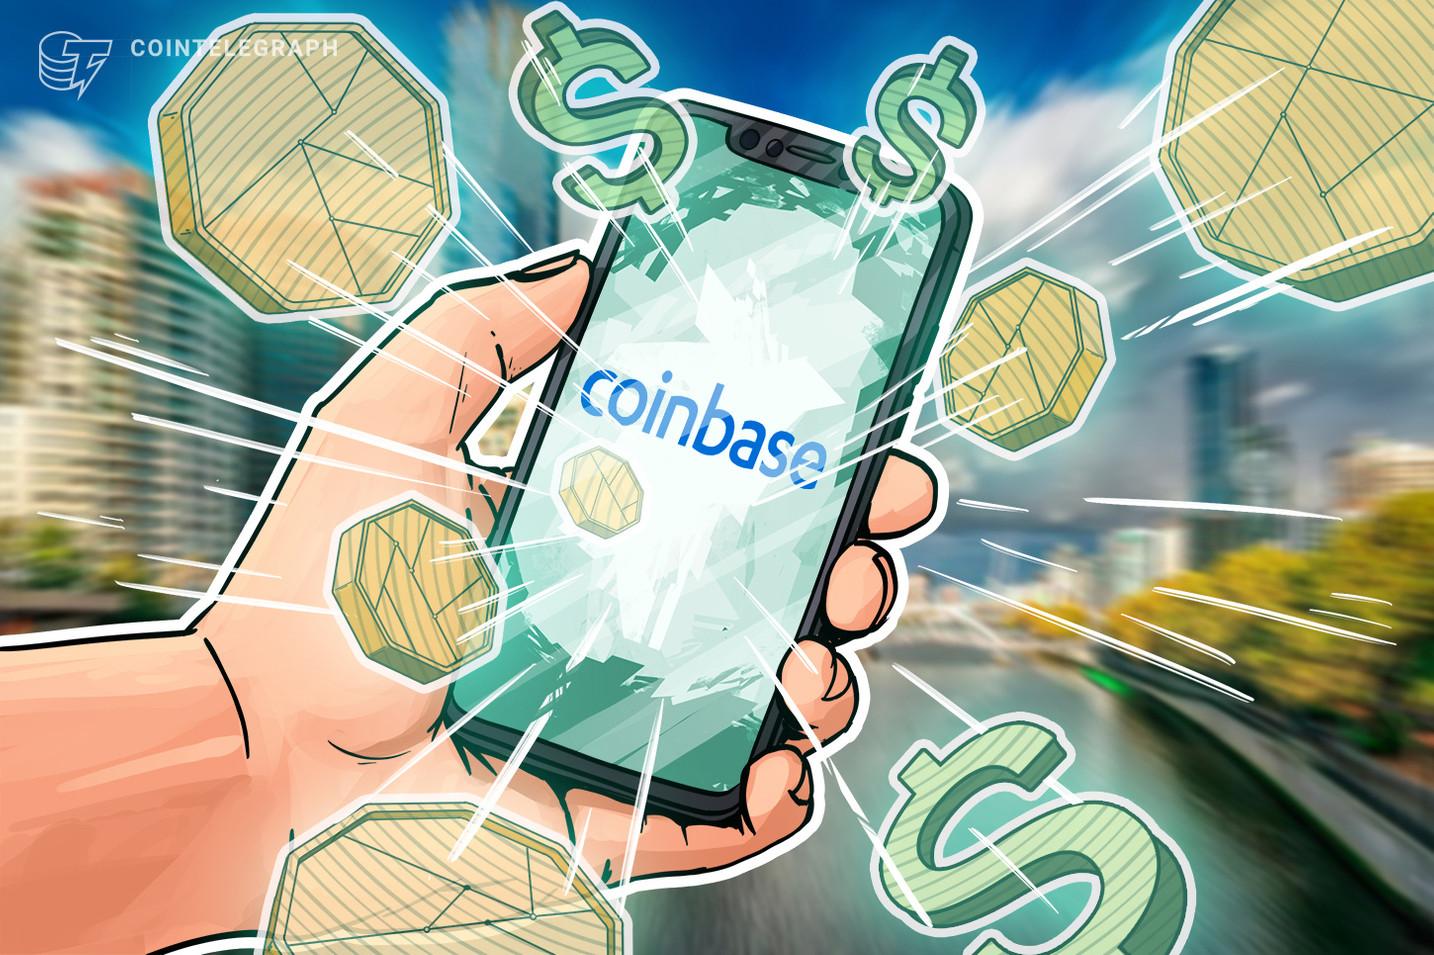 Coinbase überholt TikTok: Platz 1 im Apple App Store in USA